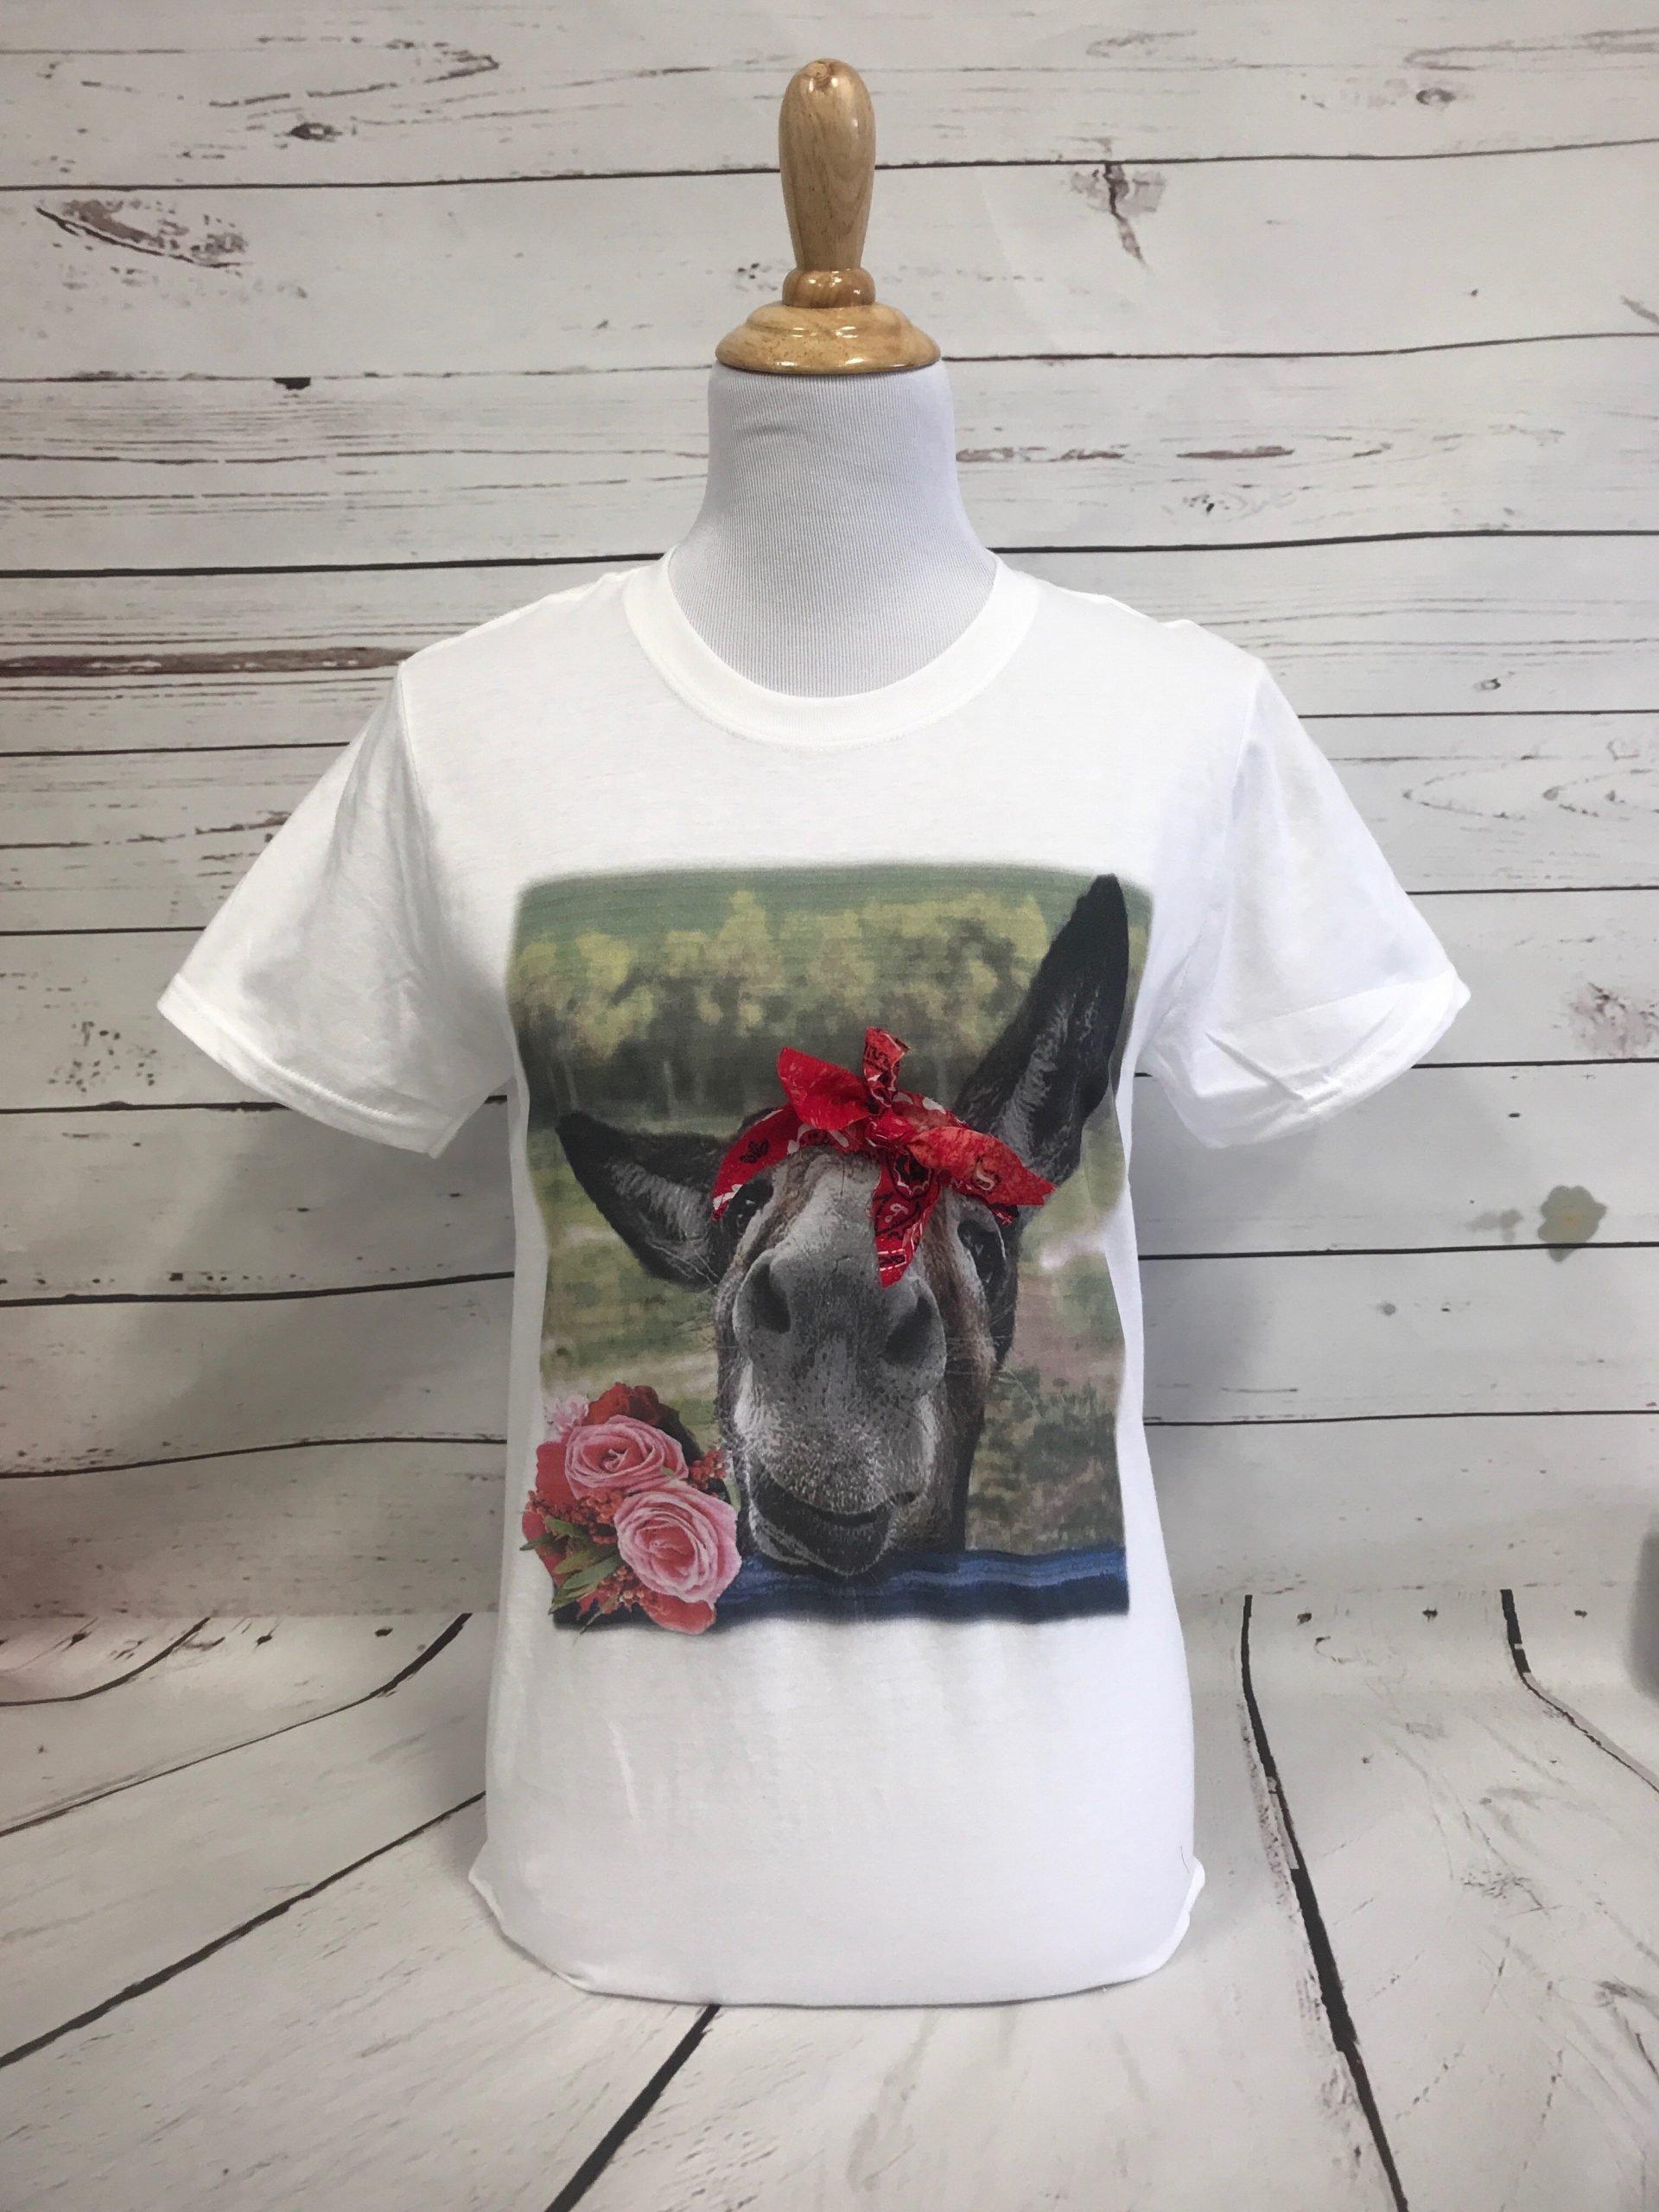 Donkey with Red Bandana on White Softstyle Tee